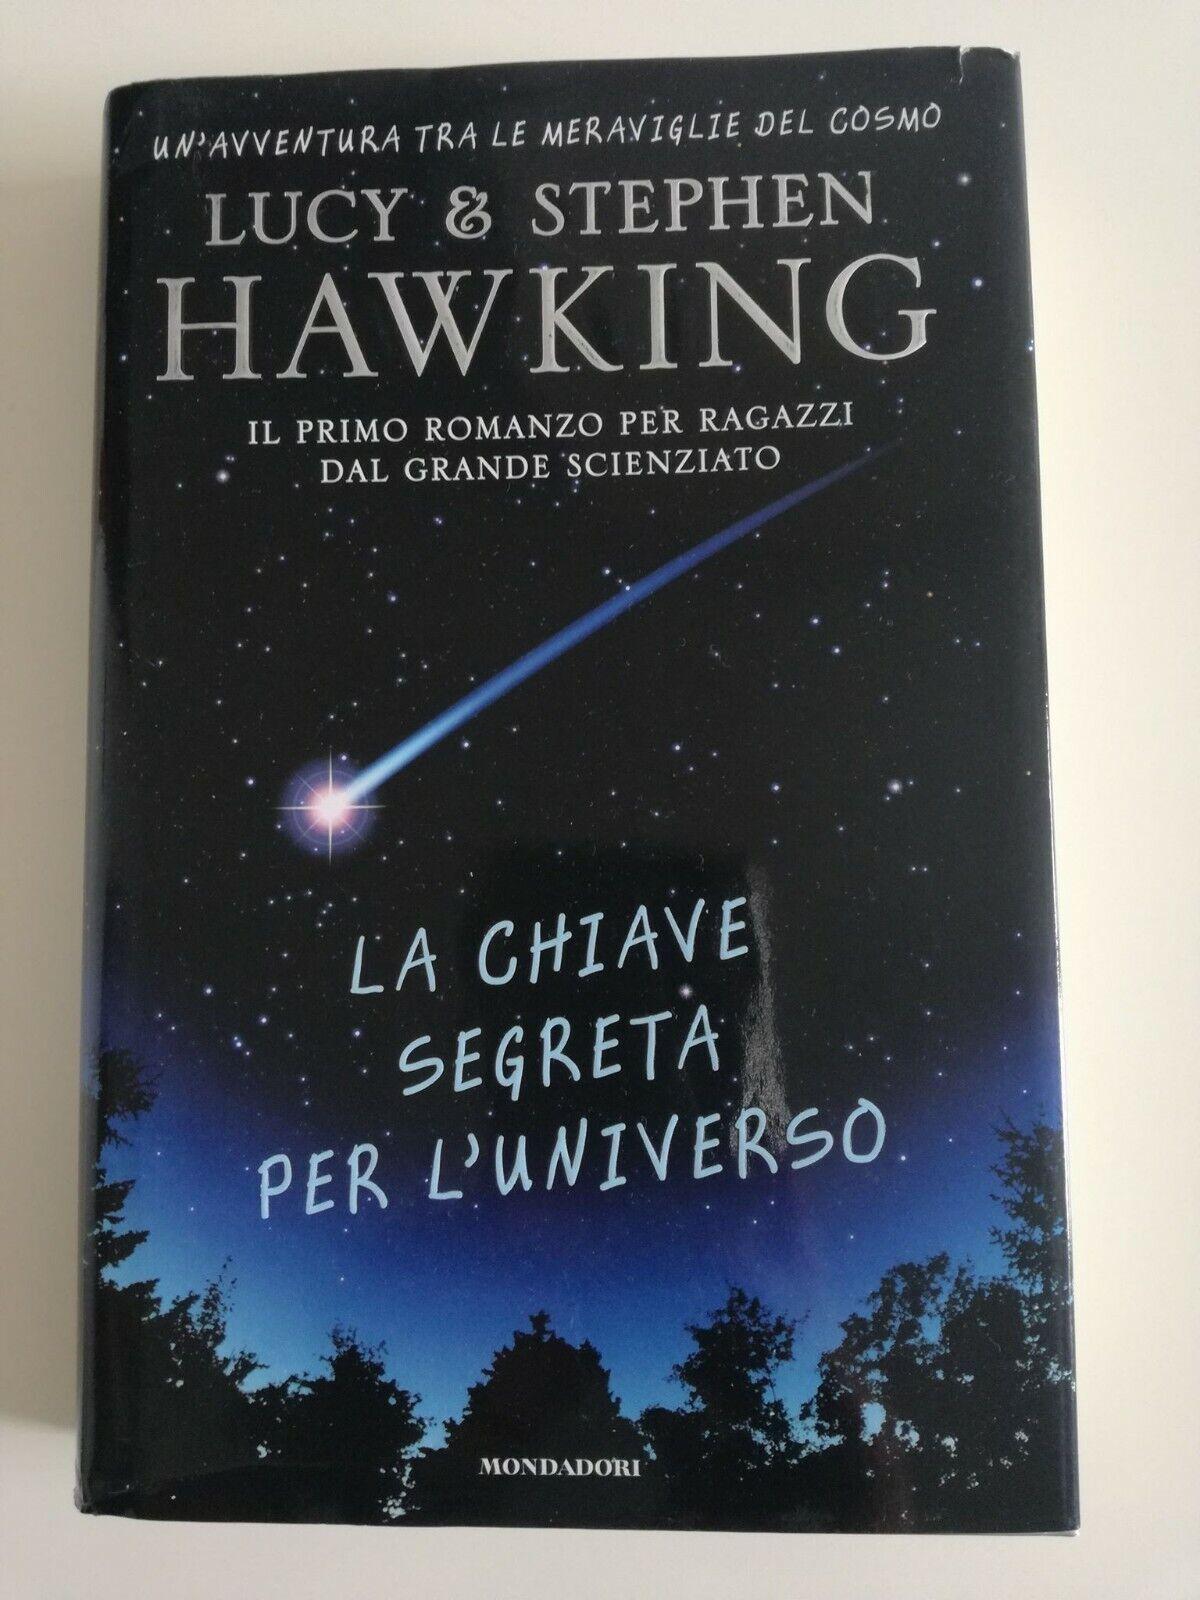 La chiave segreta per l'universo - Lucy & Stephen Hawking - 9788804568629